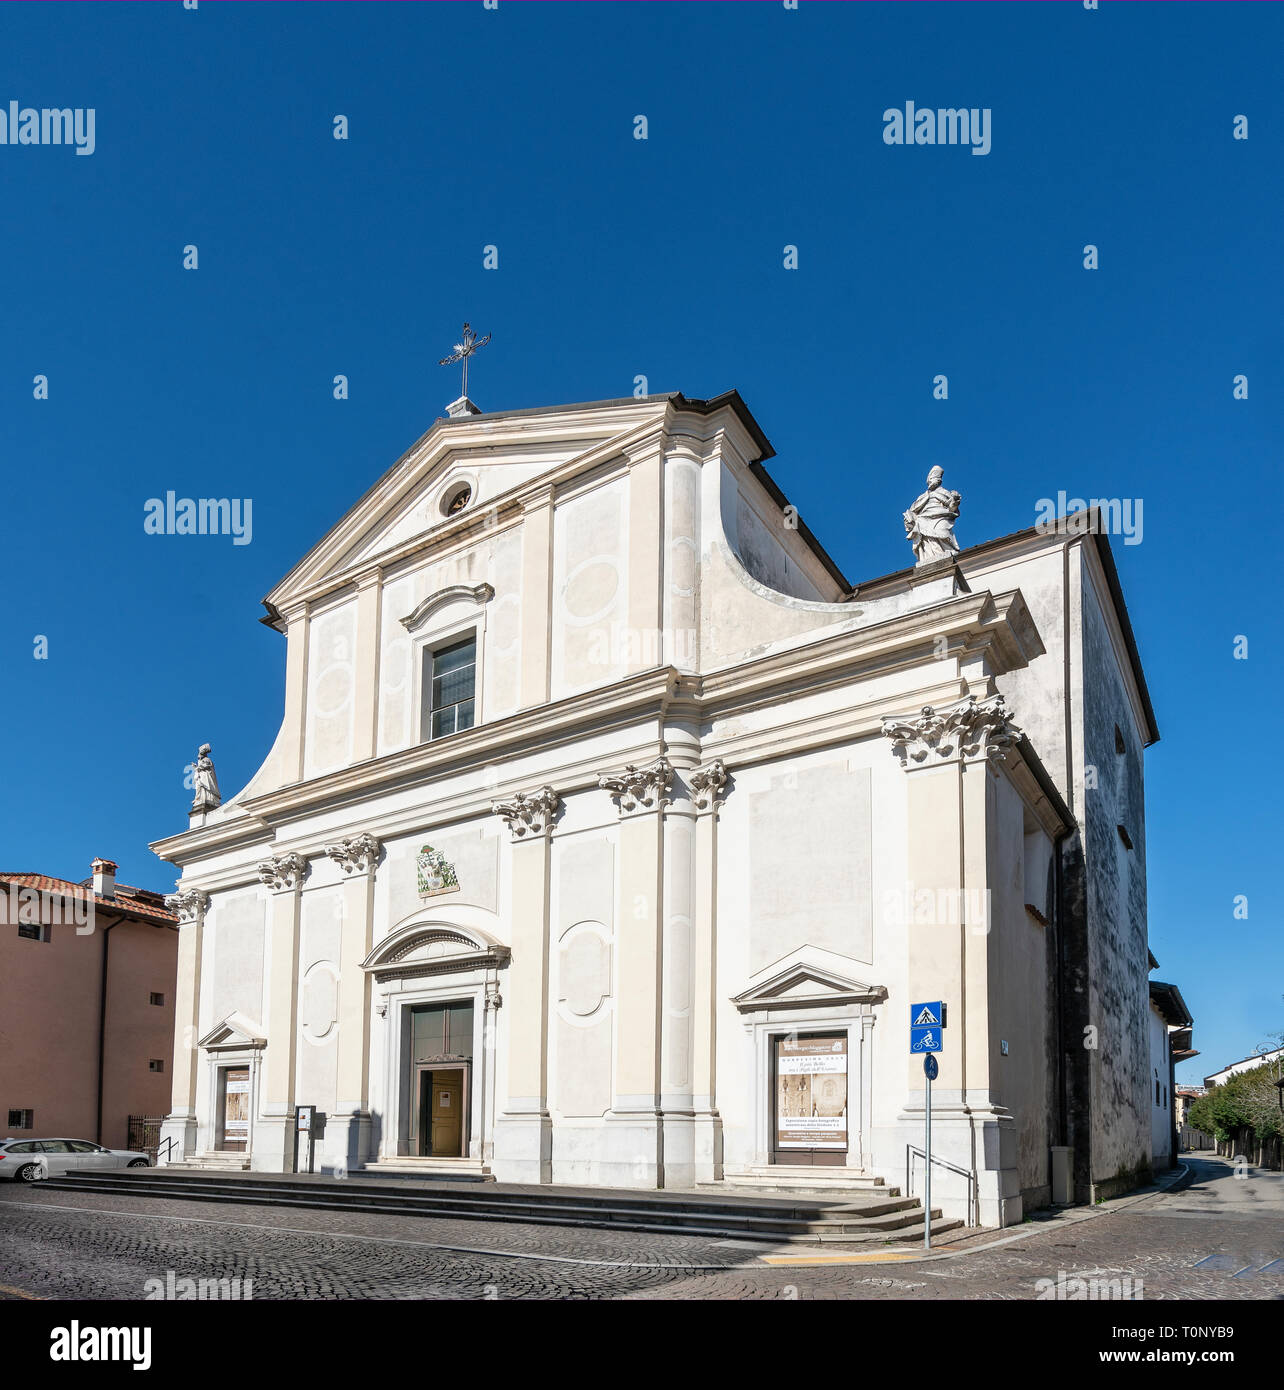 Facade Of A Small Church Stock Photos & Facade Of A Small